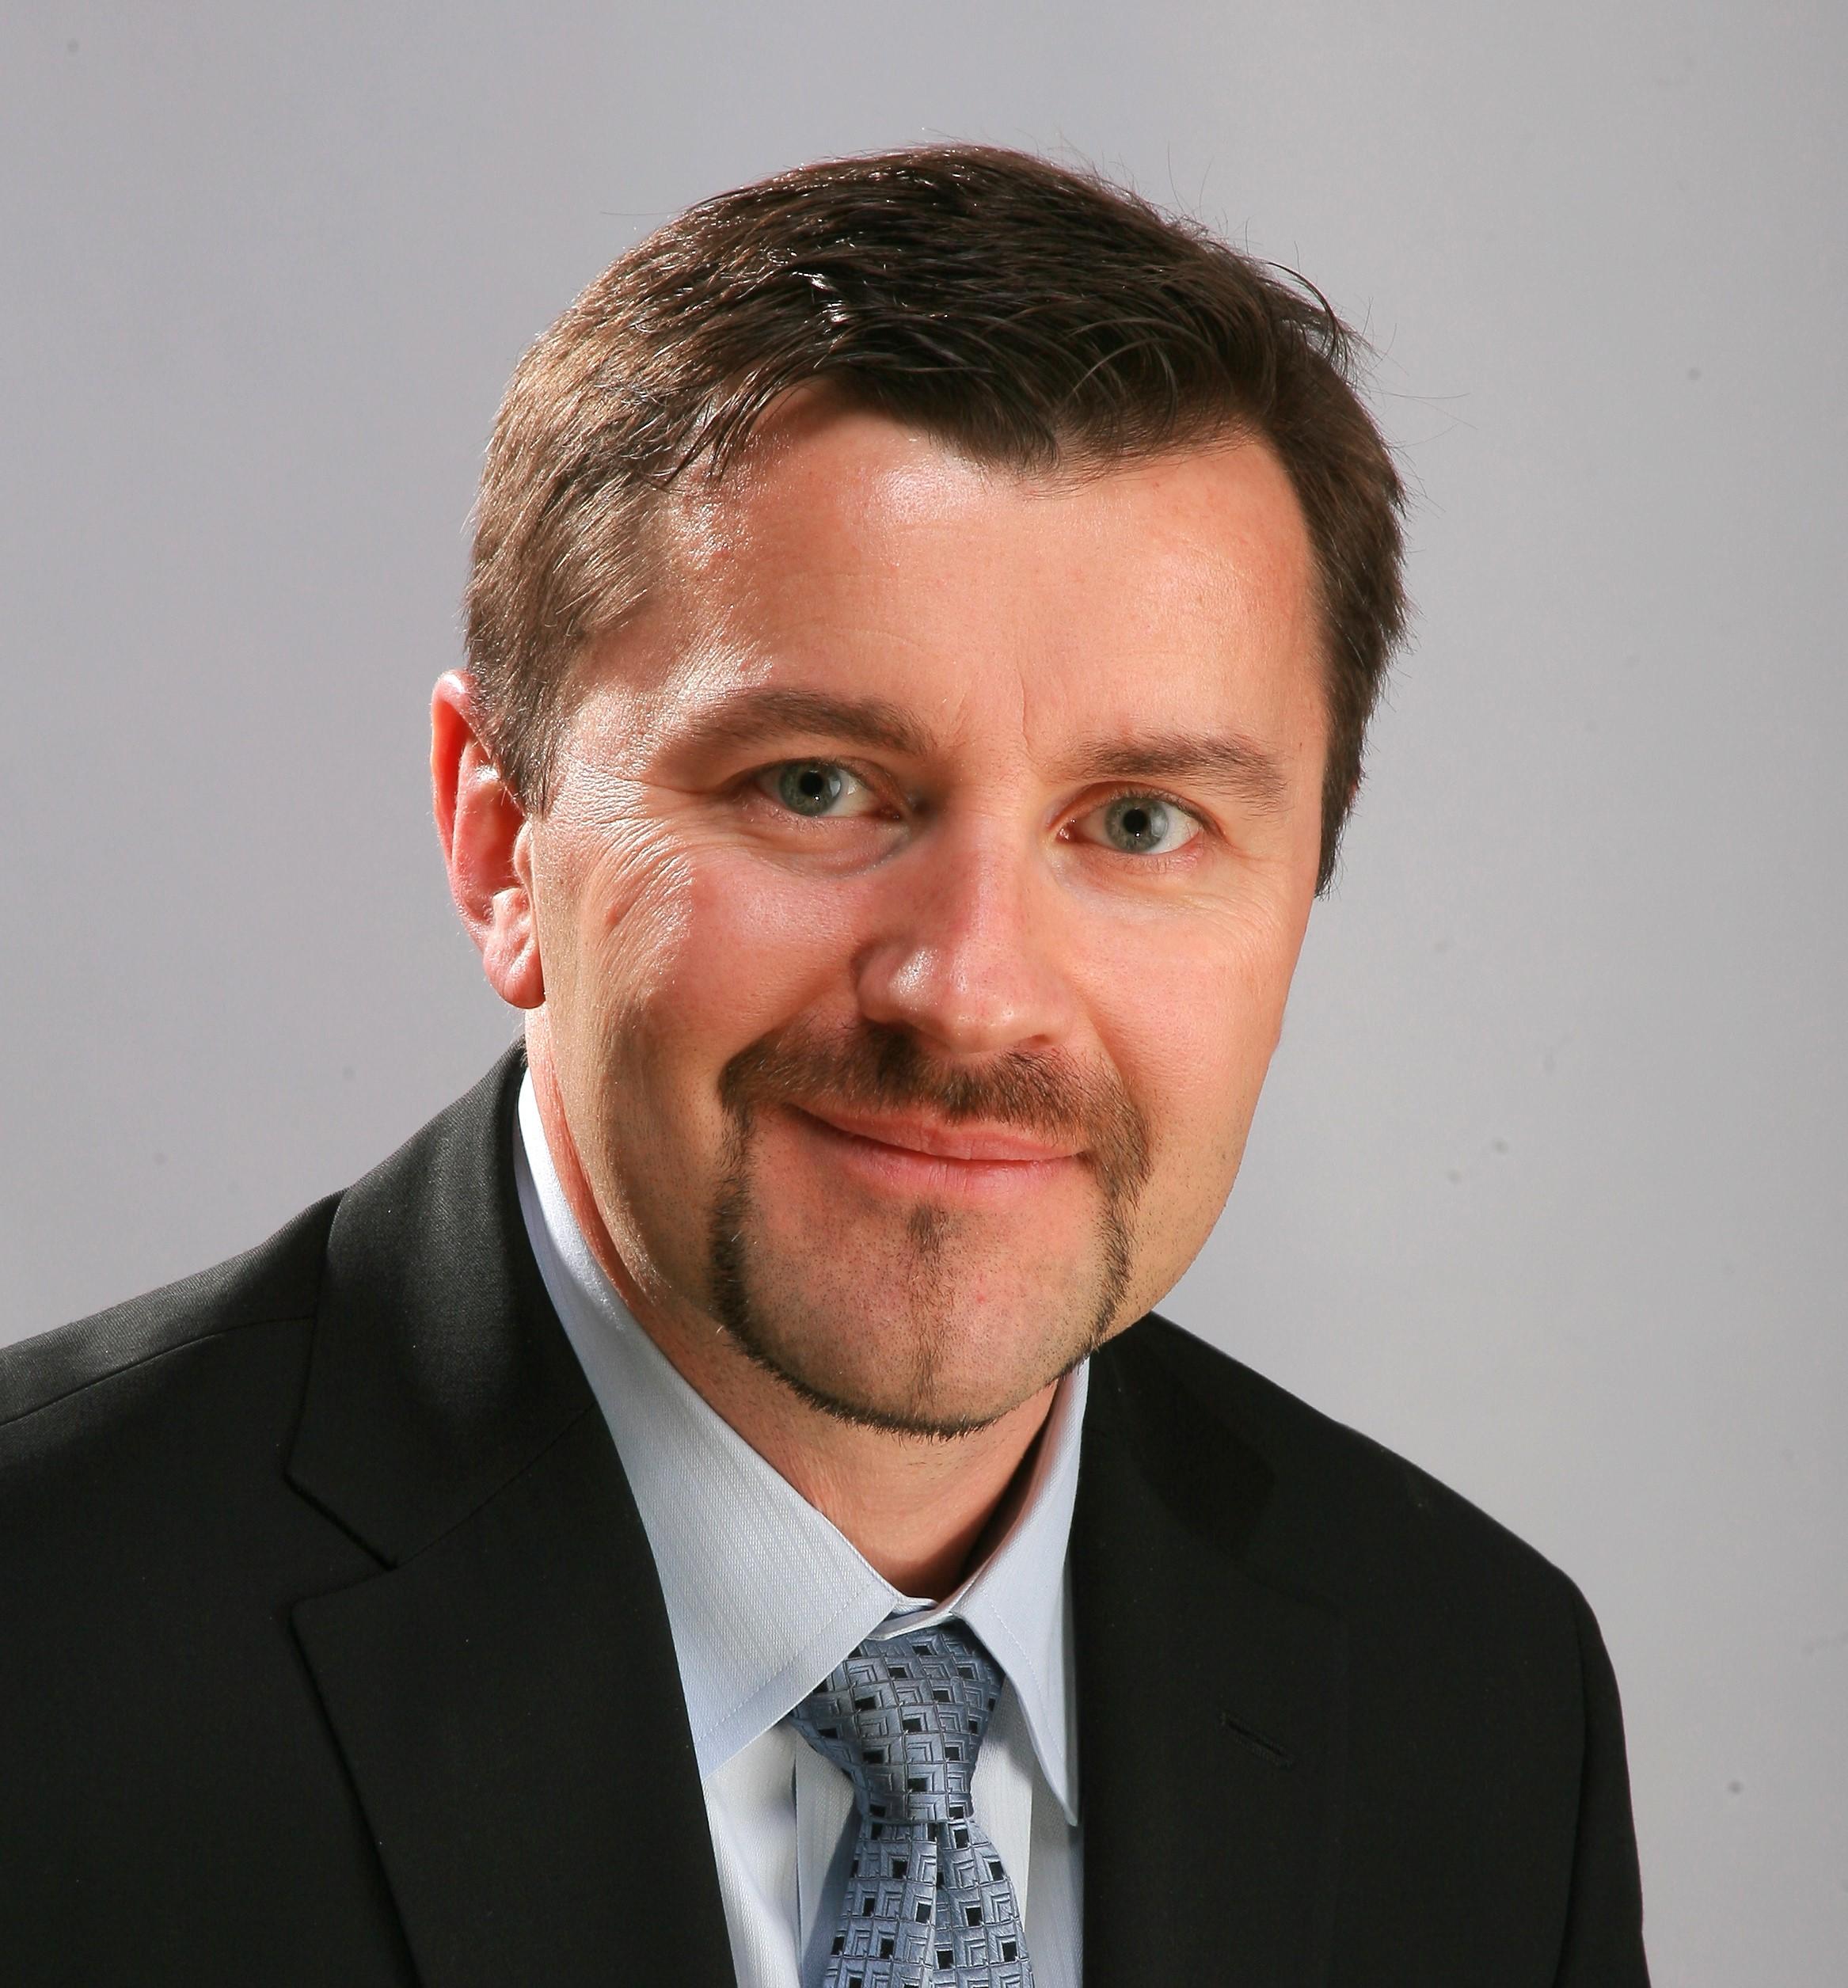 Kris Zacny